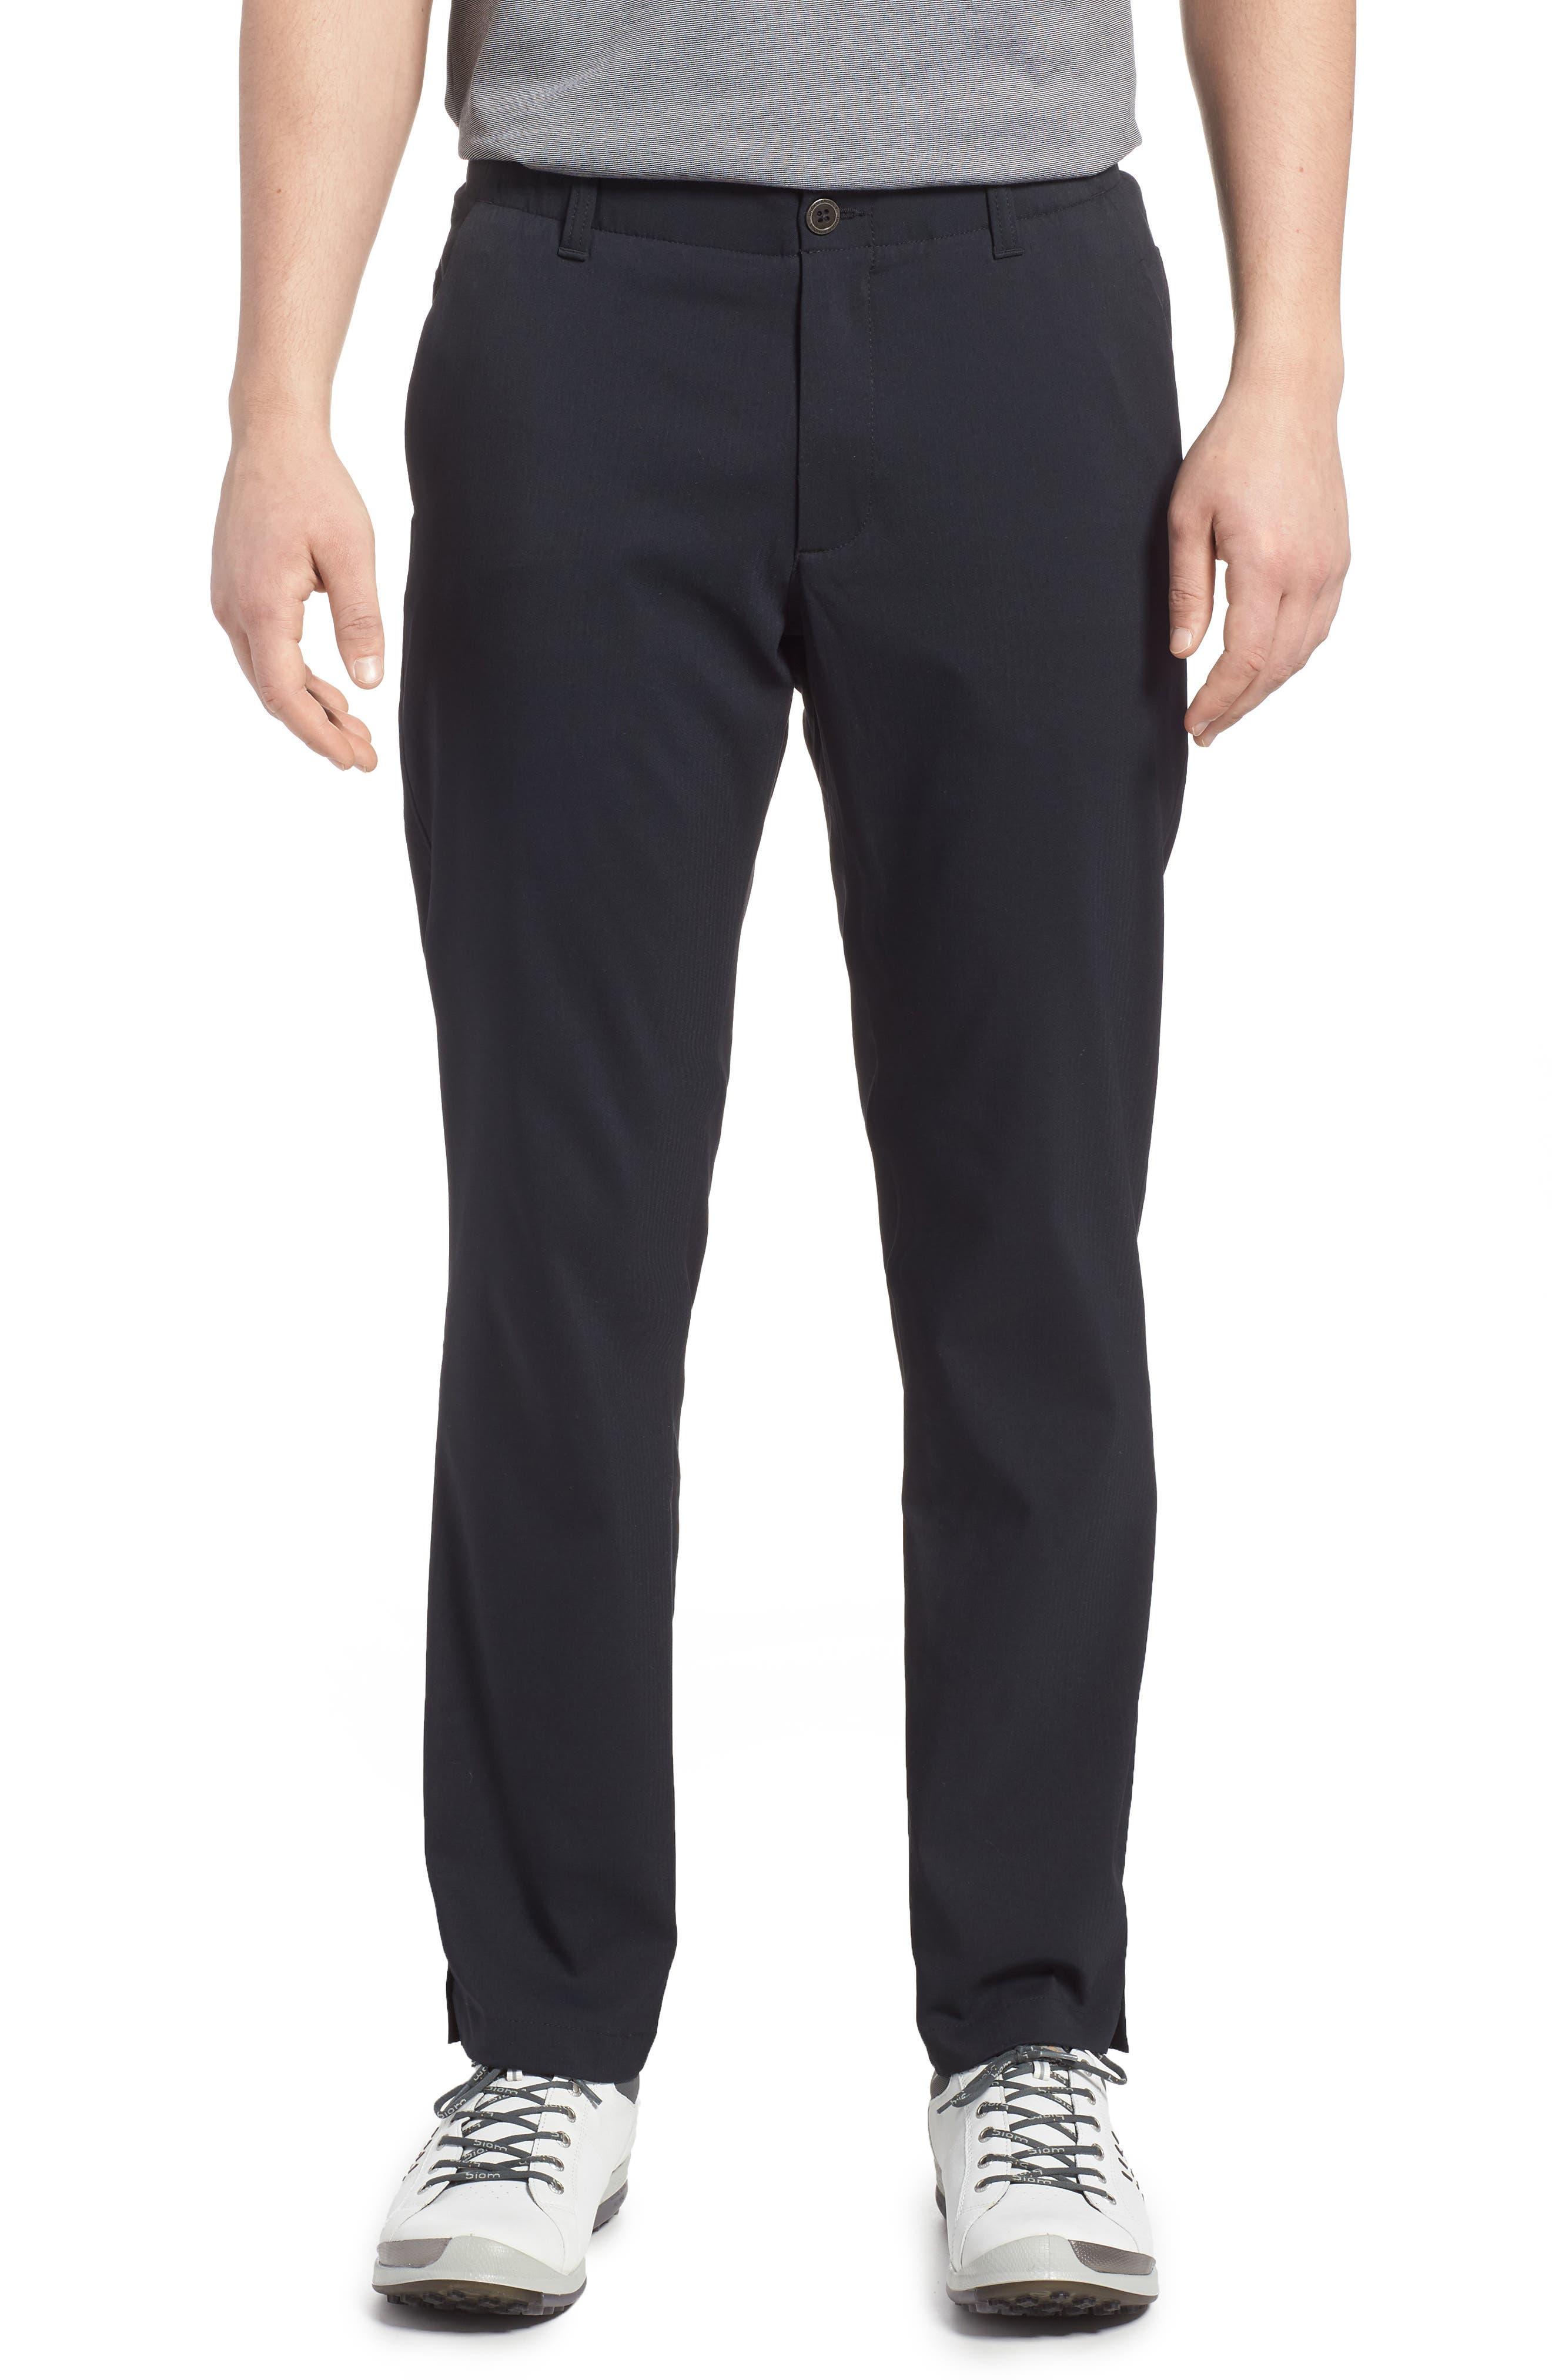 Showdown Pants,                         Main,                         color, Black